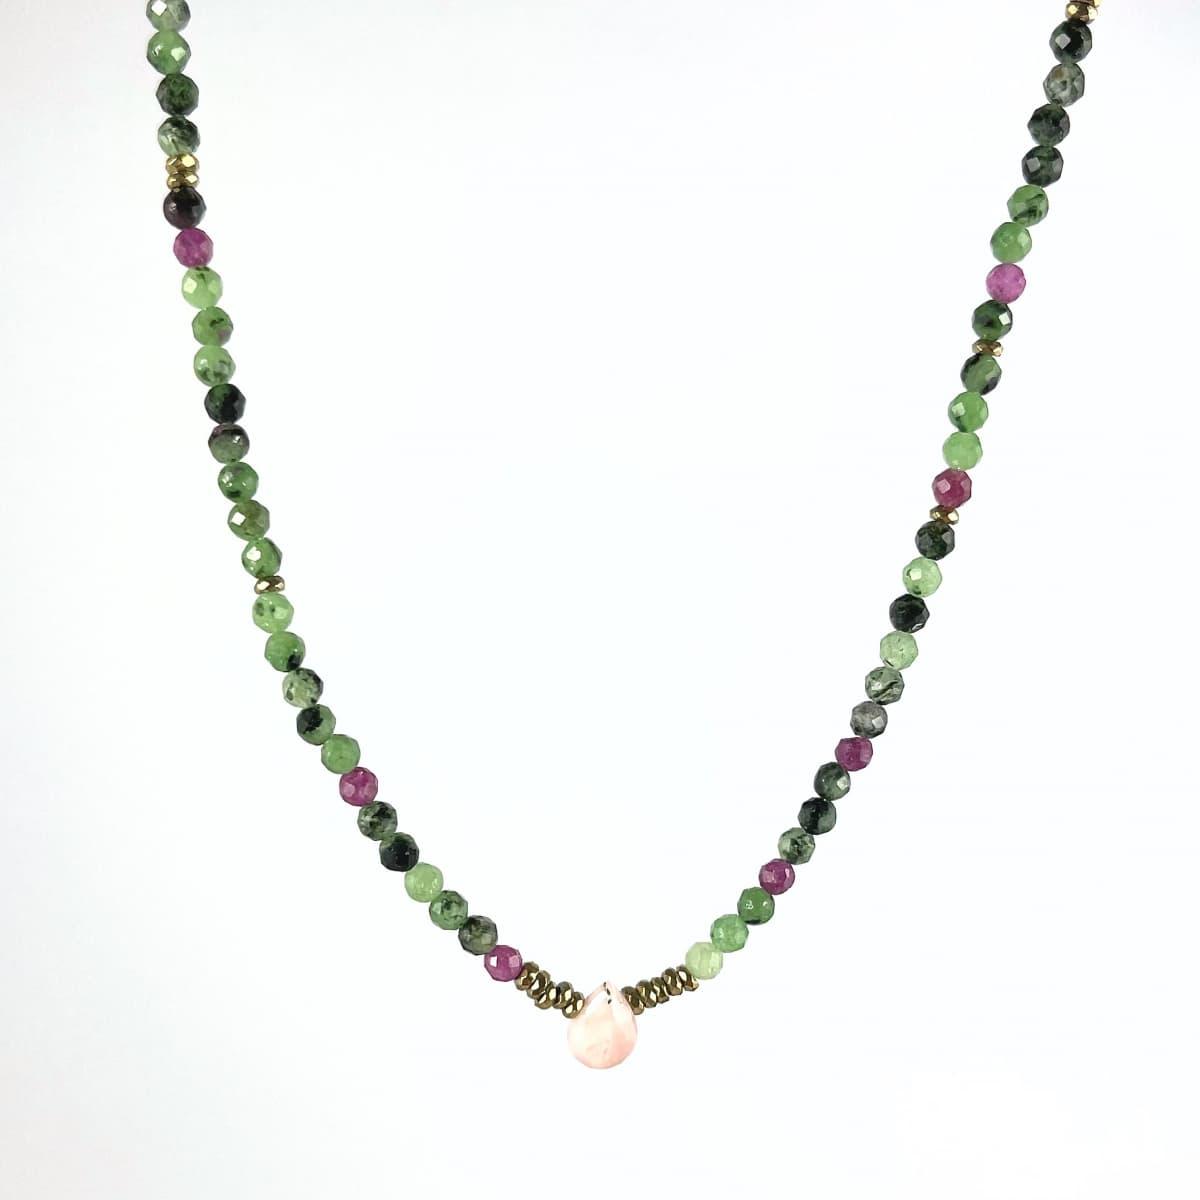 collier femme Anna opale vue générale